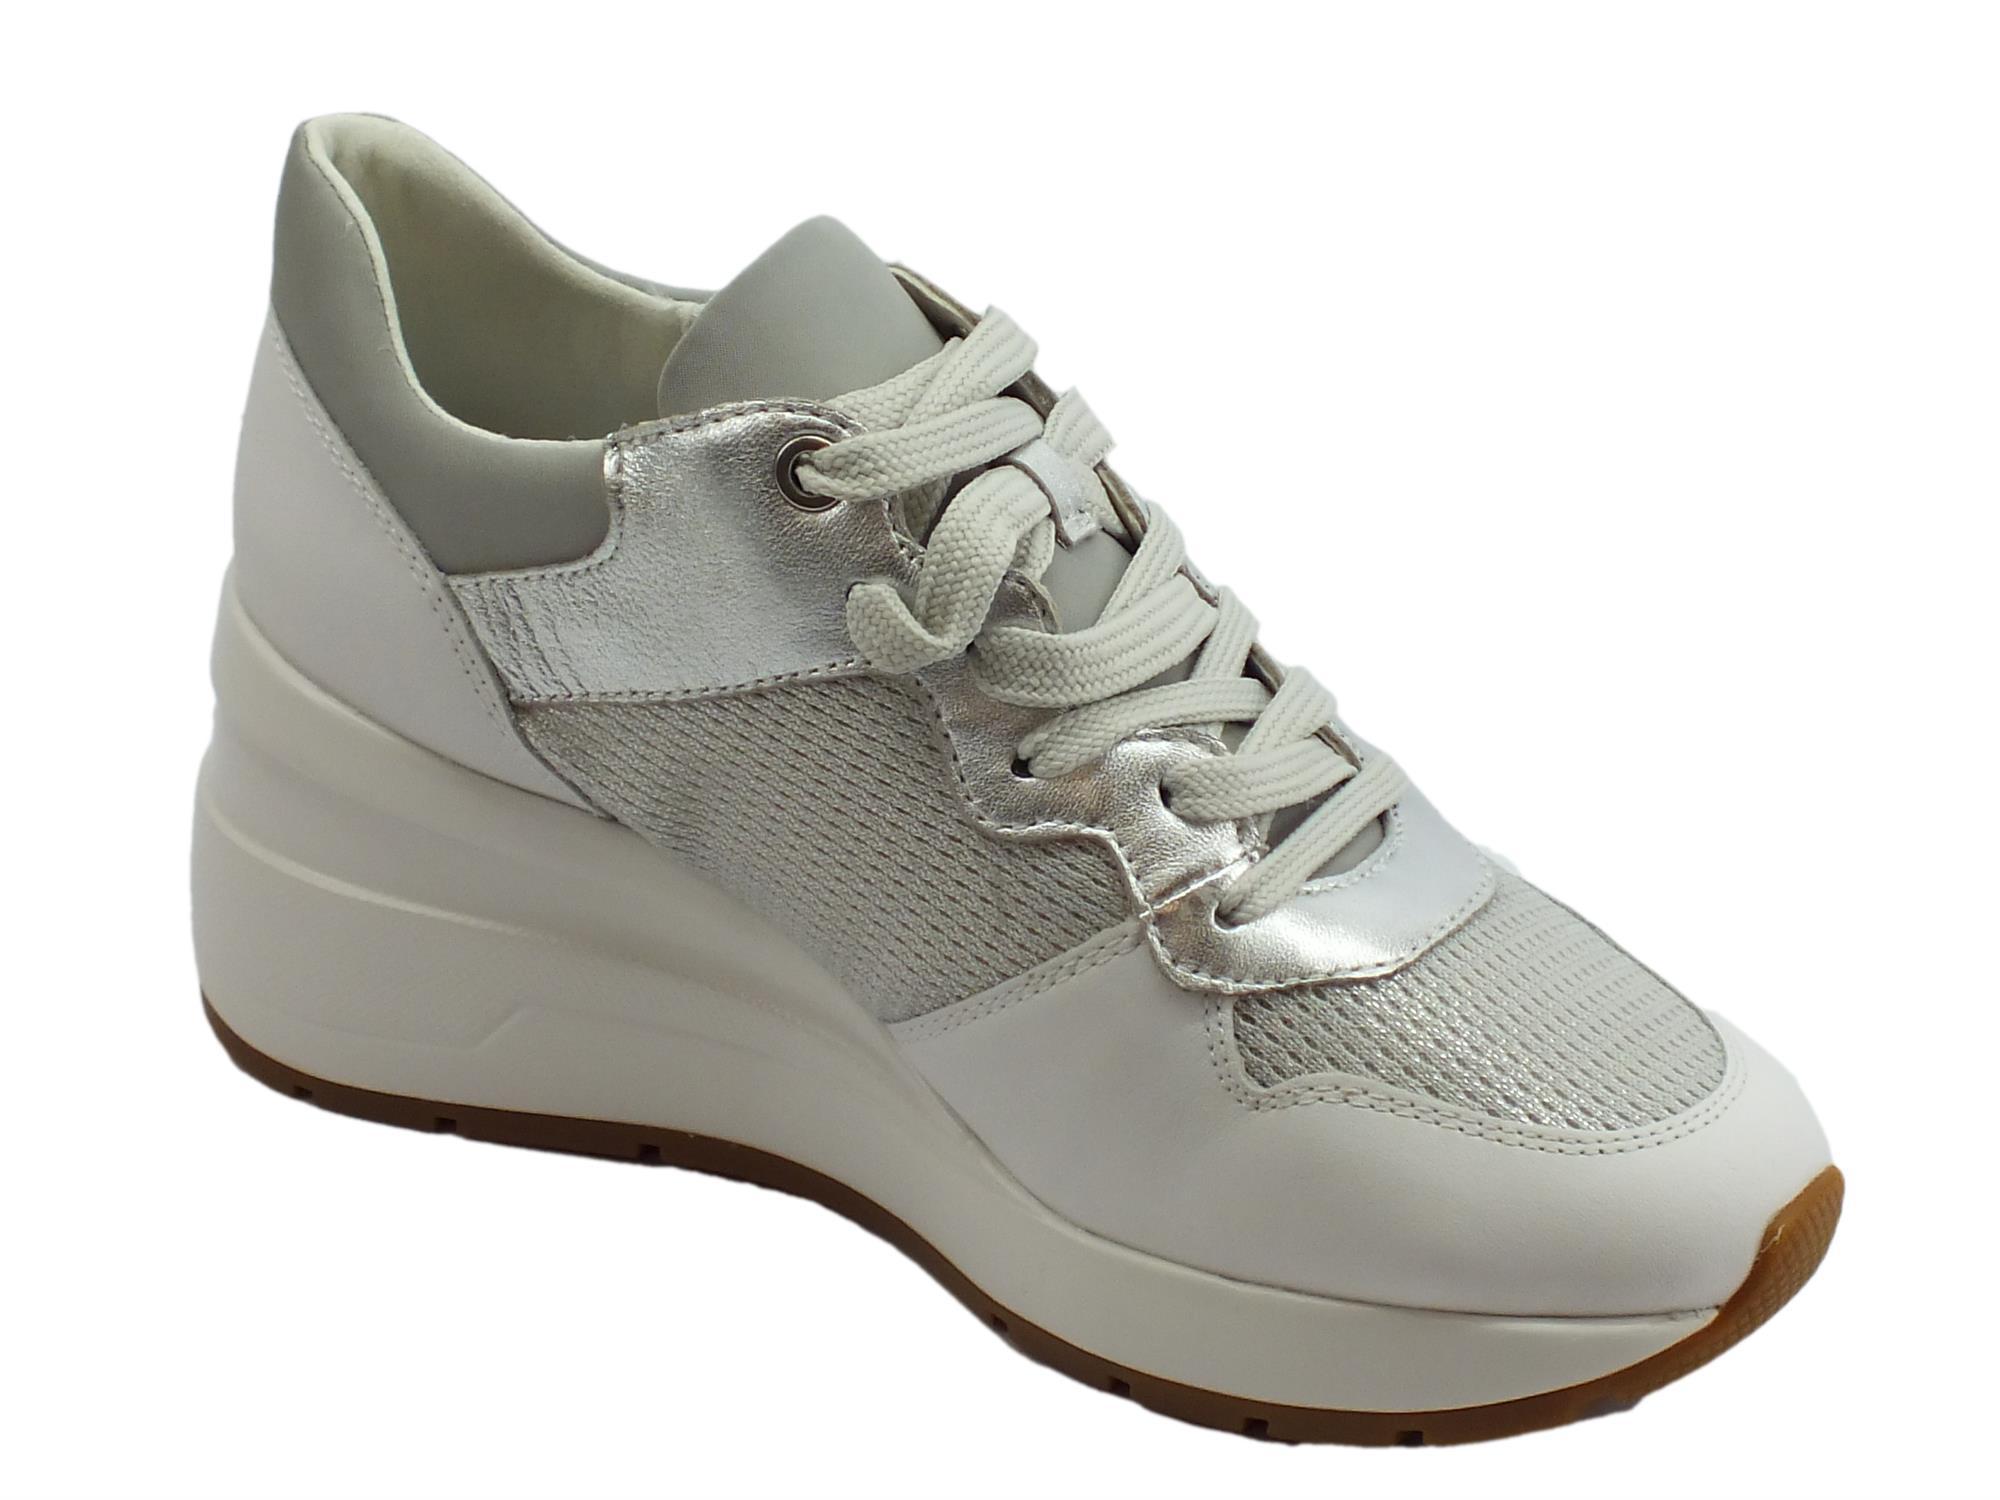 5ab596362a Geox D Zosma sneakers donna in vernice camoscio e tessuto argento e bianco  zeppa alta